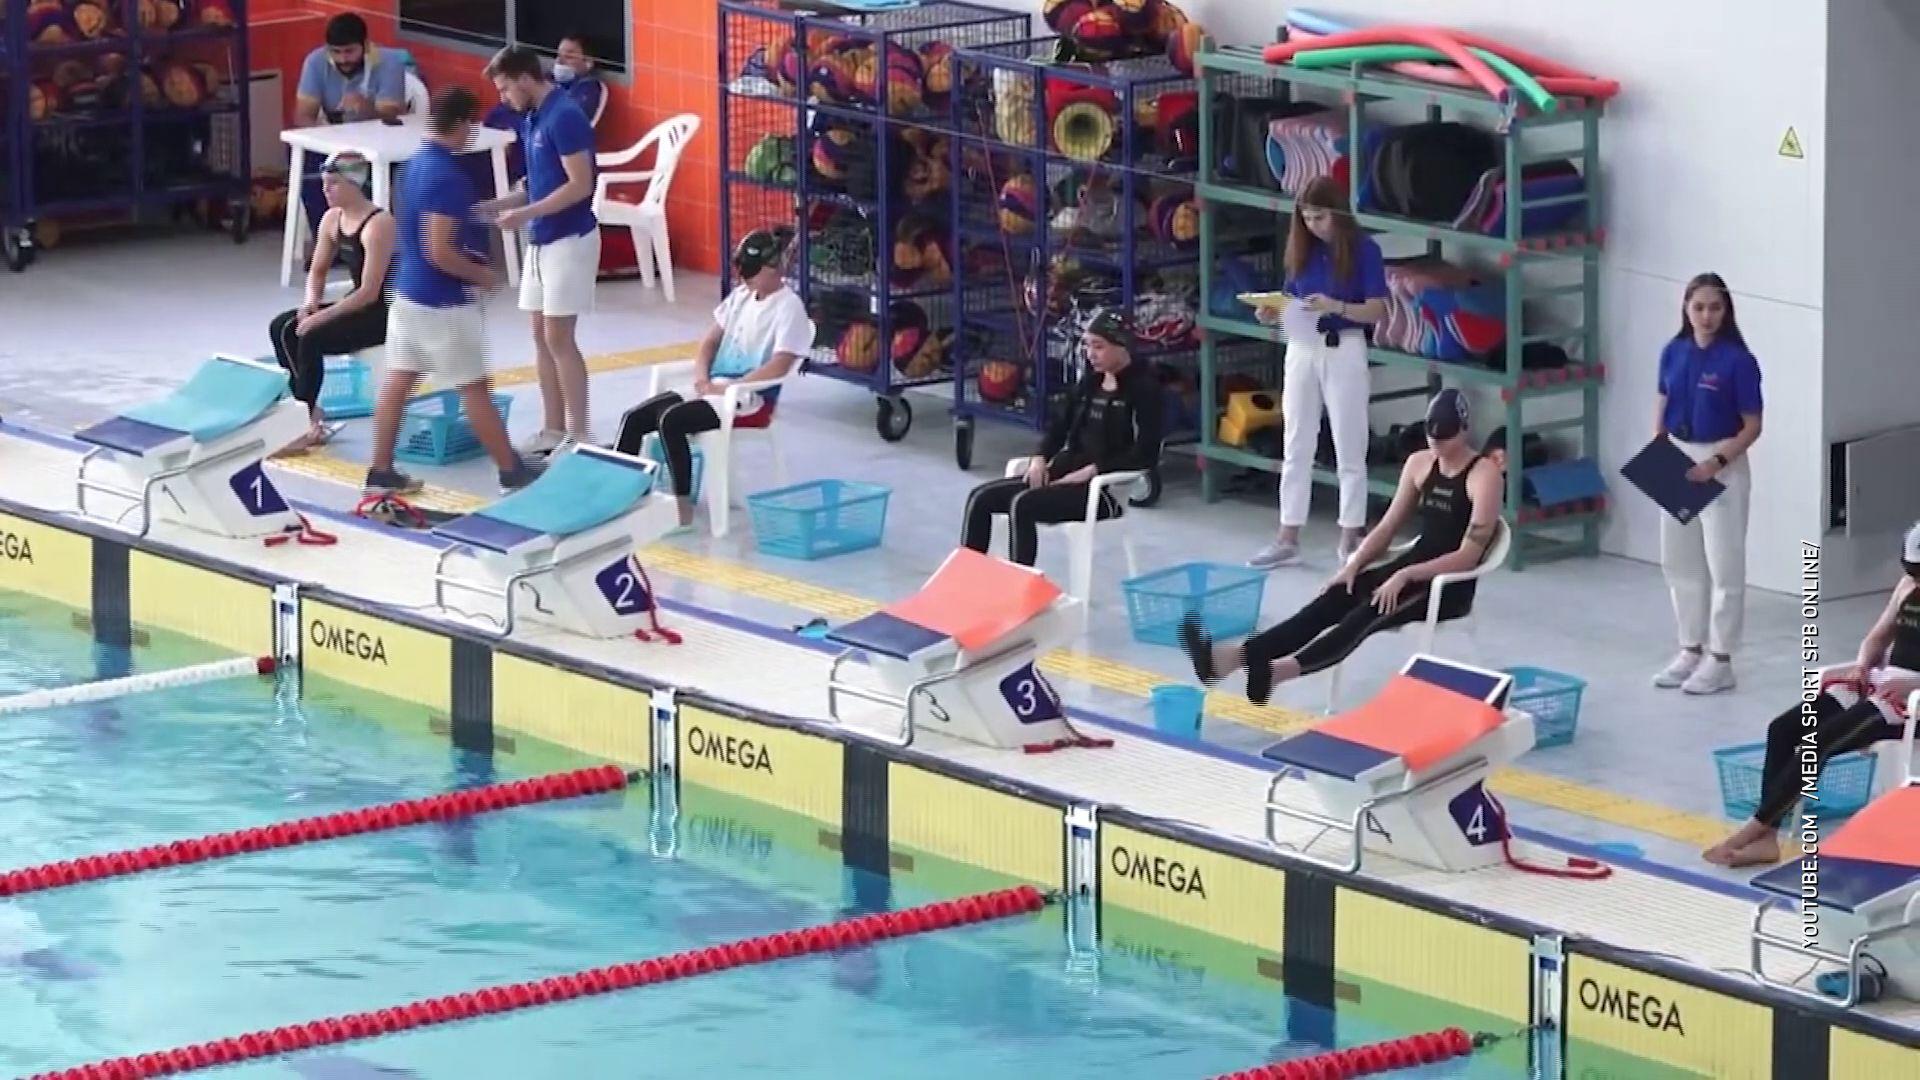 Ярославские пловцы принесли пять медалей на чемпионате страны по подводному спорту